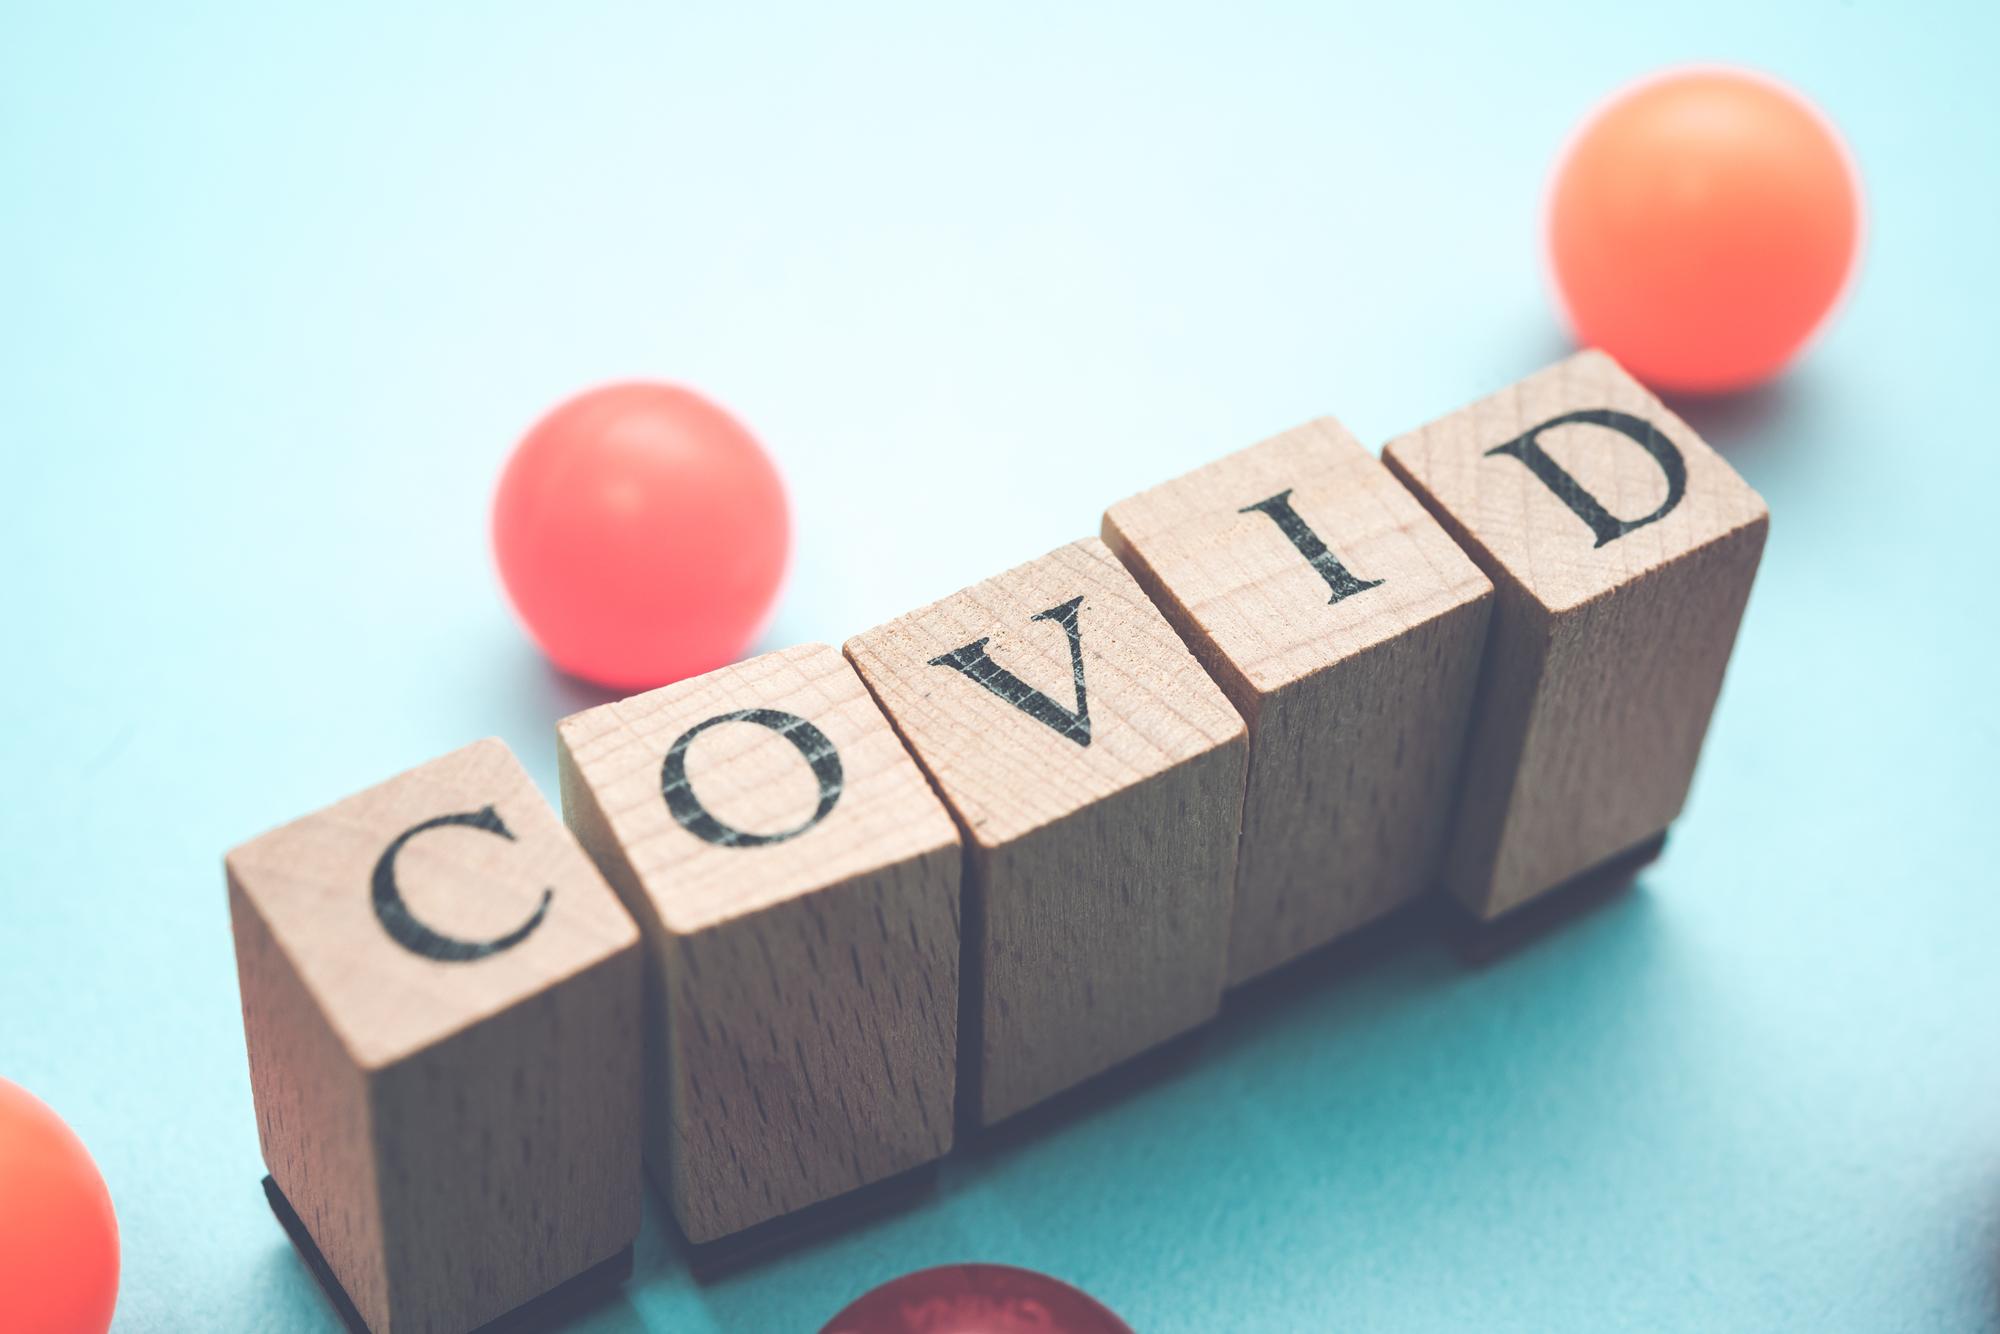 そもそも新型コロナ(COVID-19)とは